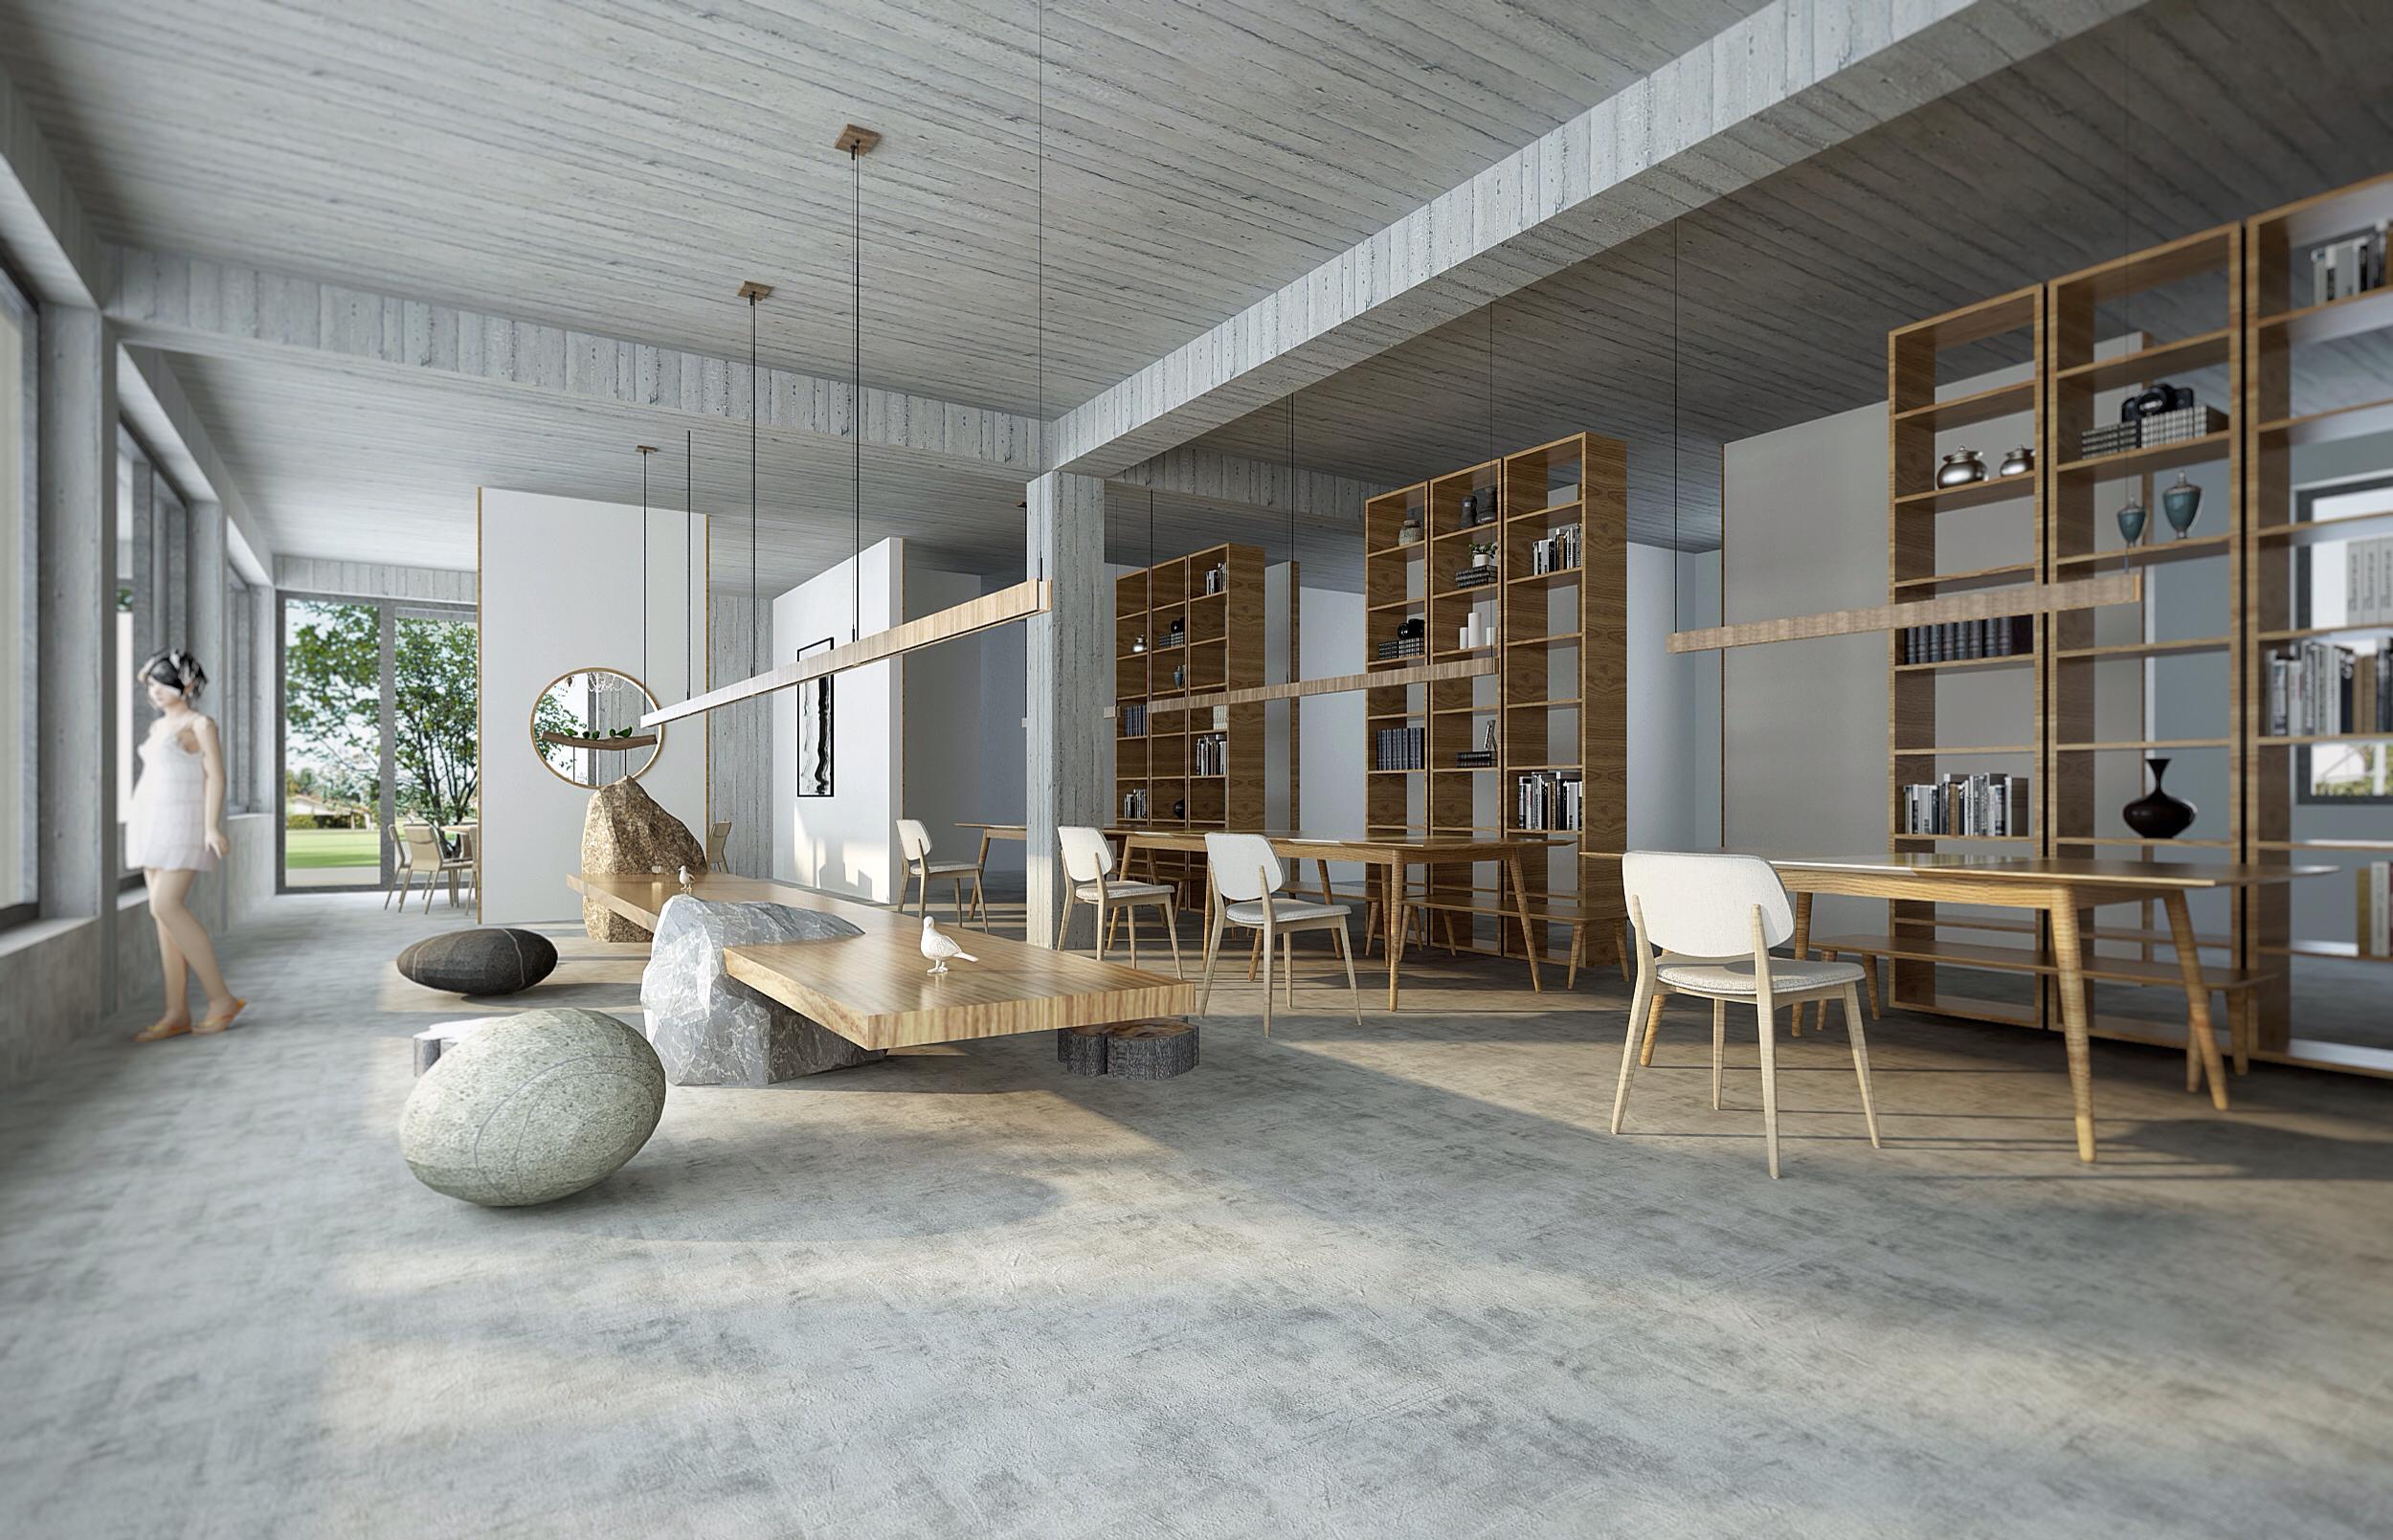 三室一厅设计图片_设计展示